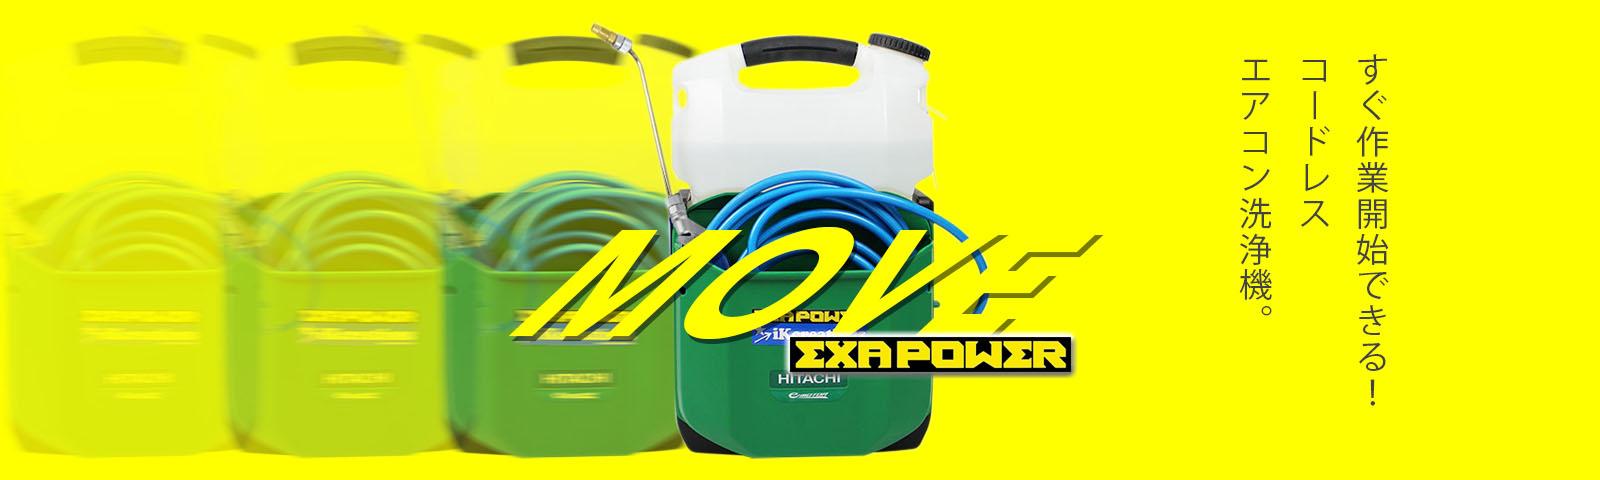 特殊屈曲洗浄ガン付属・コードレスエアコン洗浄機 EXAPOWER MOVE